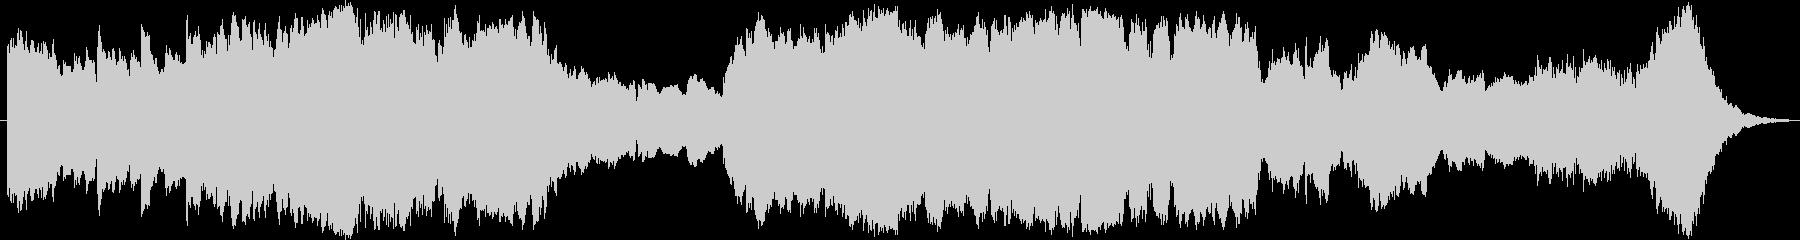 ホラーに合うミステリアスで厳かなBGMの未再生の波形